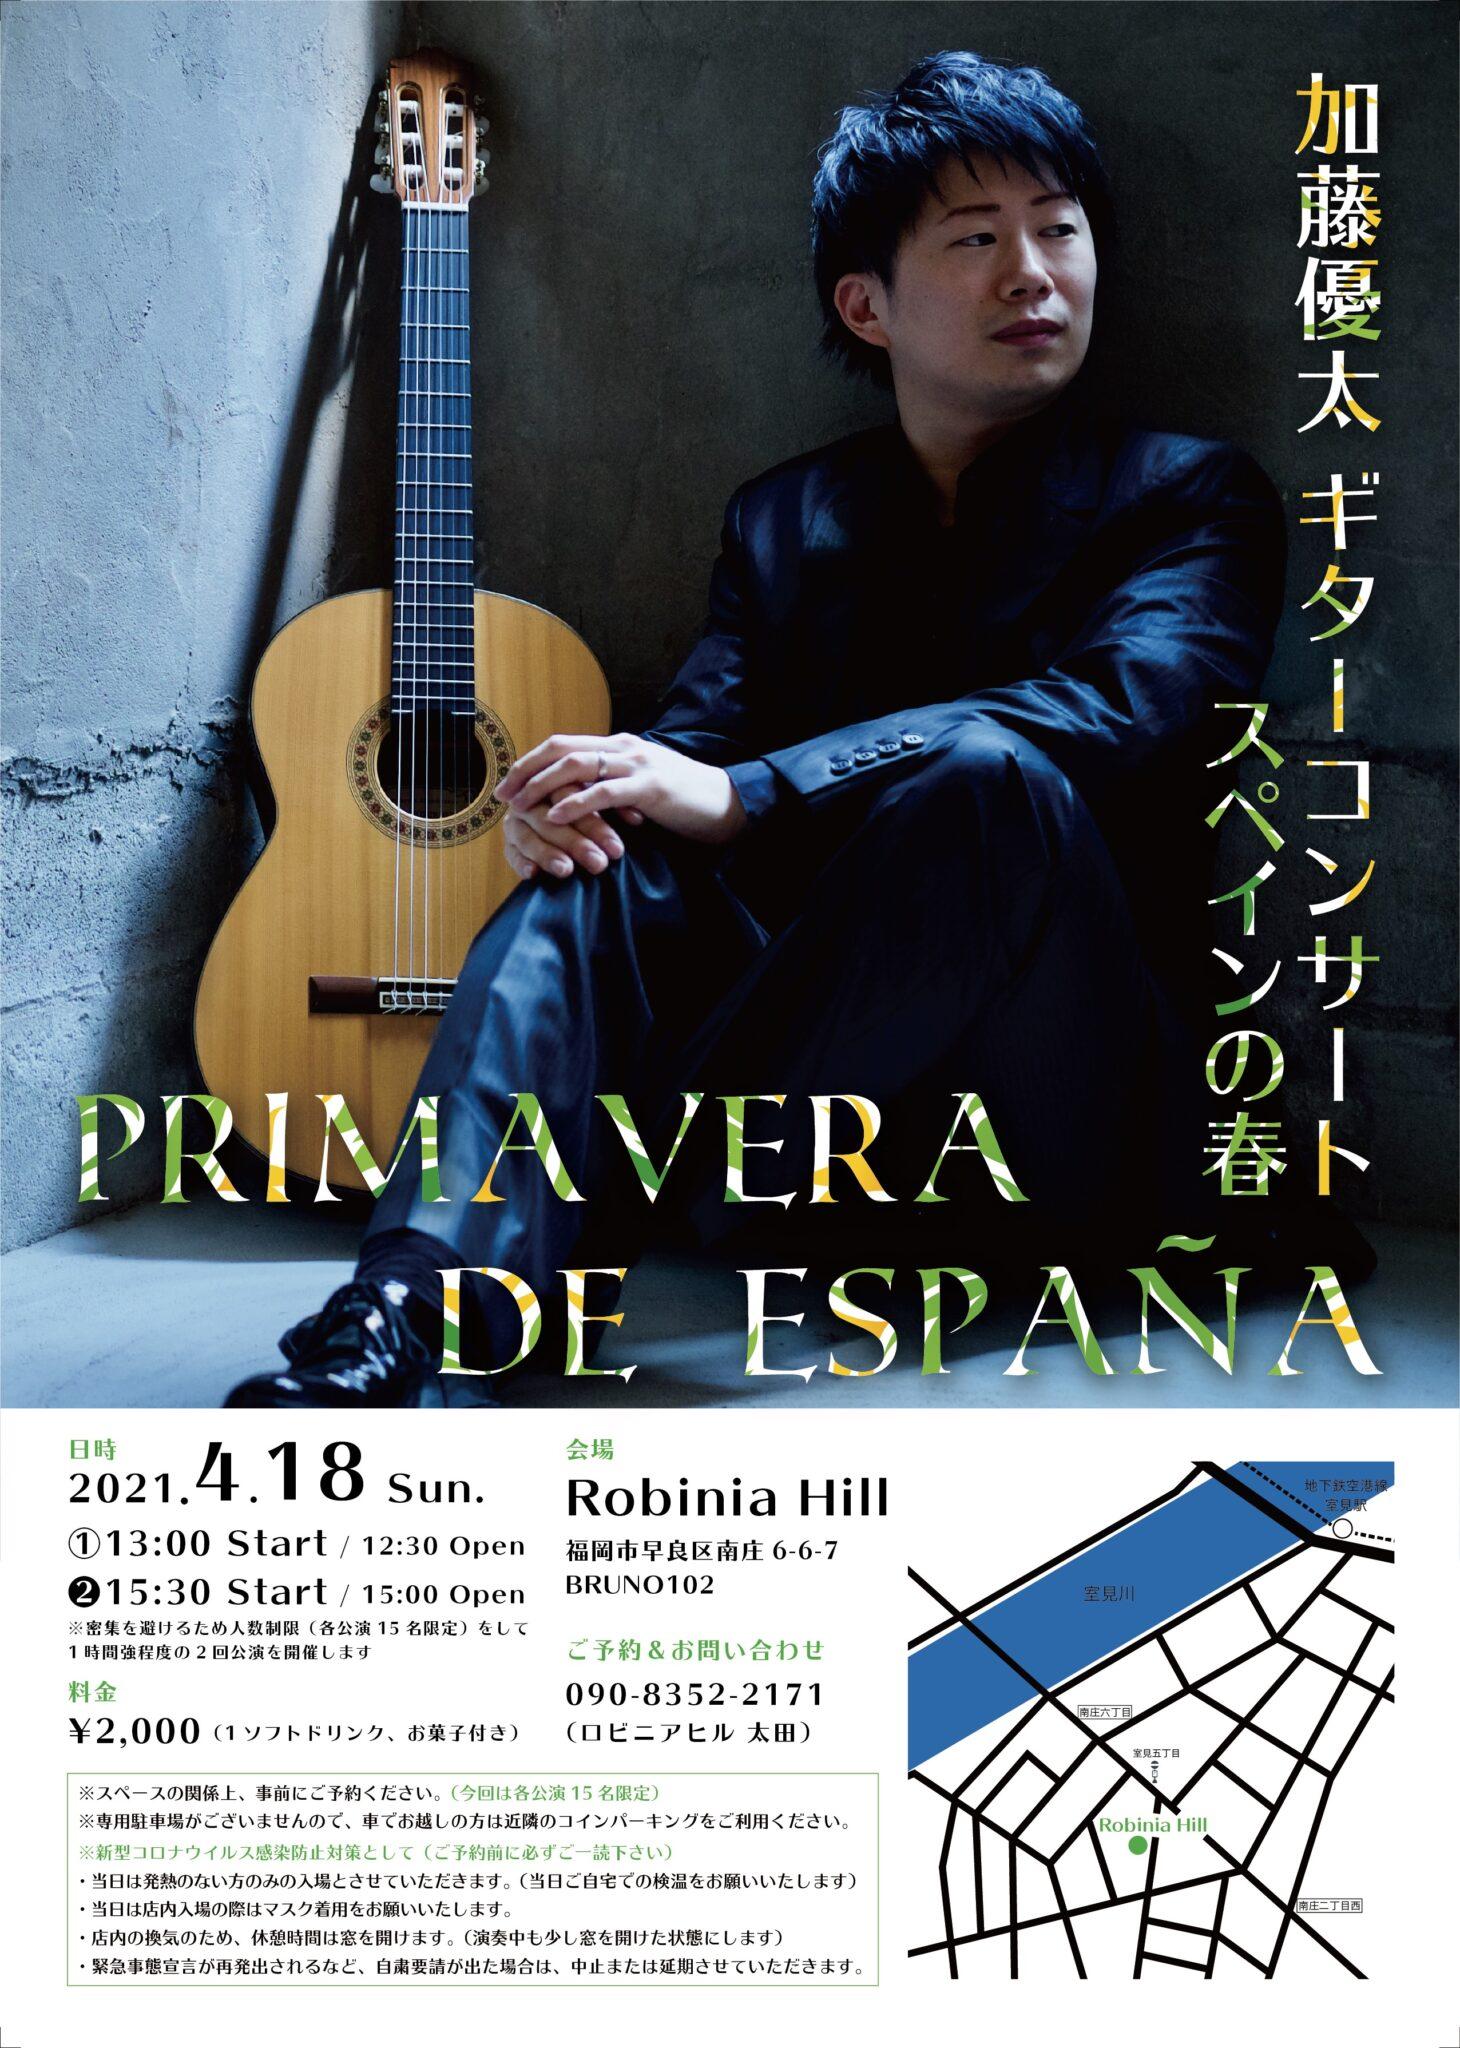 加藤優太ギターコンサート スペインの春